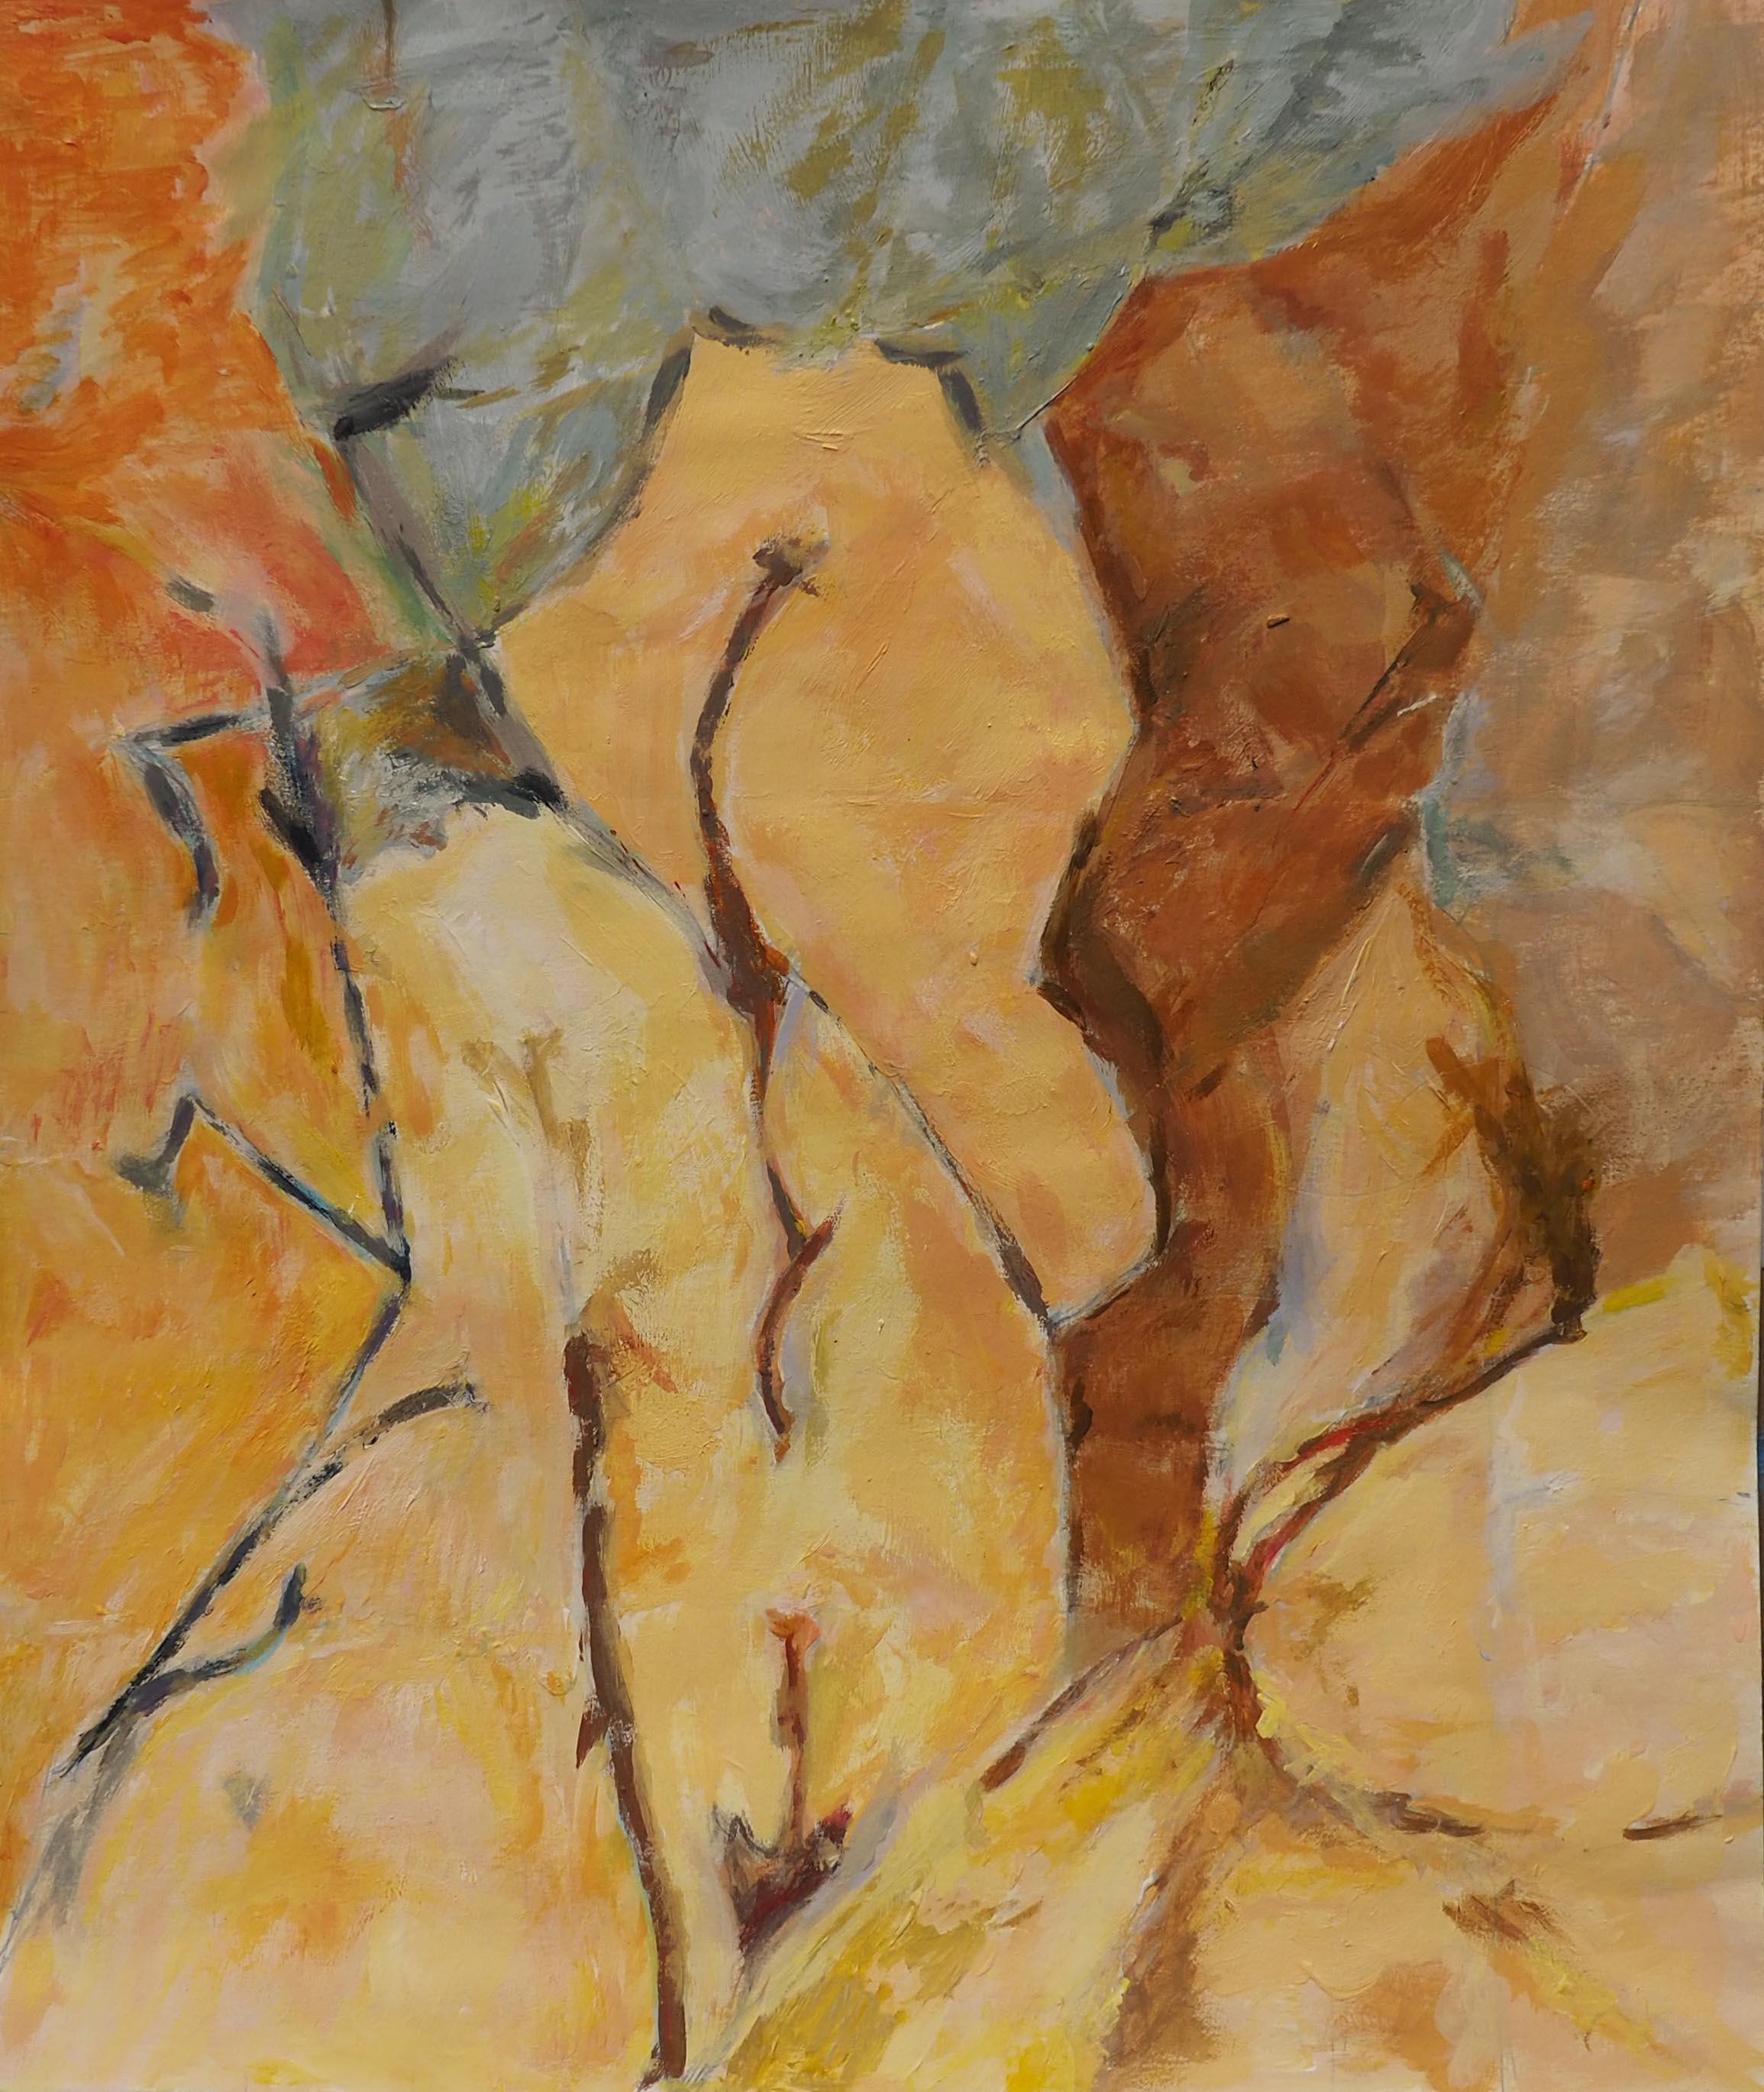 Mailah Le Guennec, 38x32